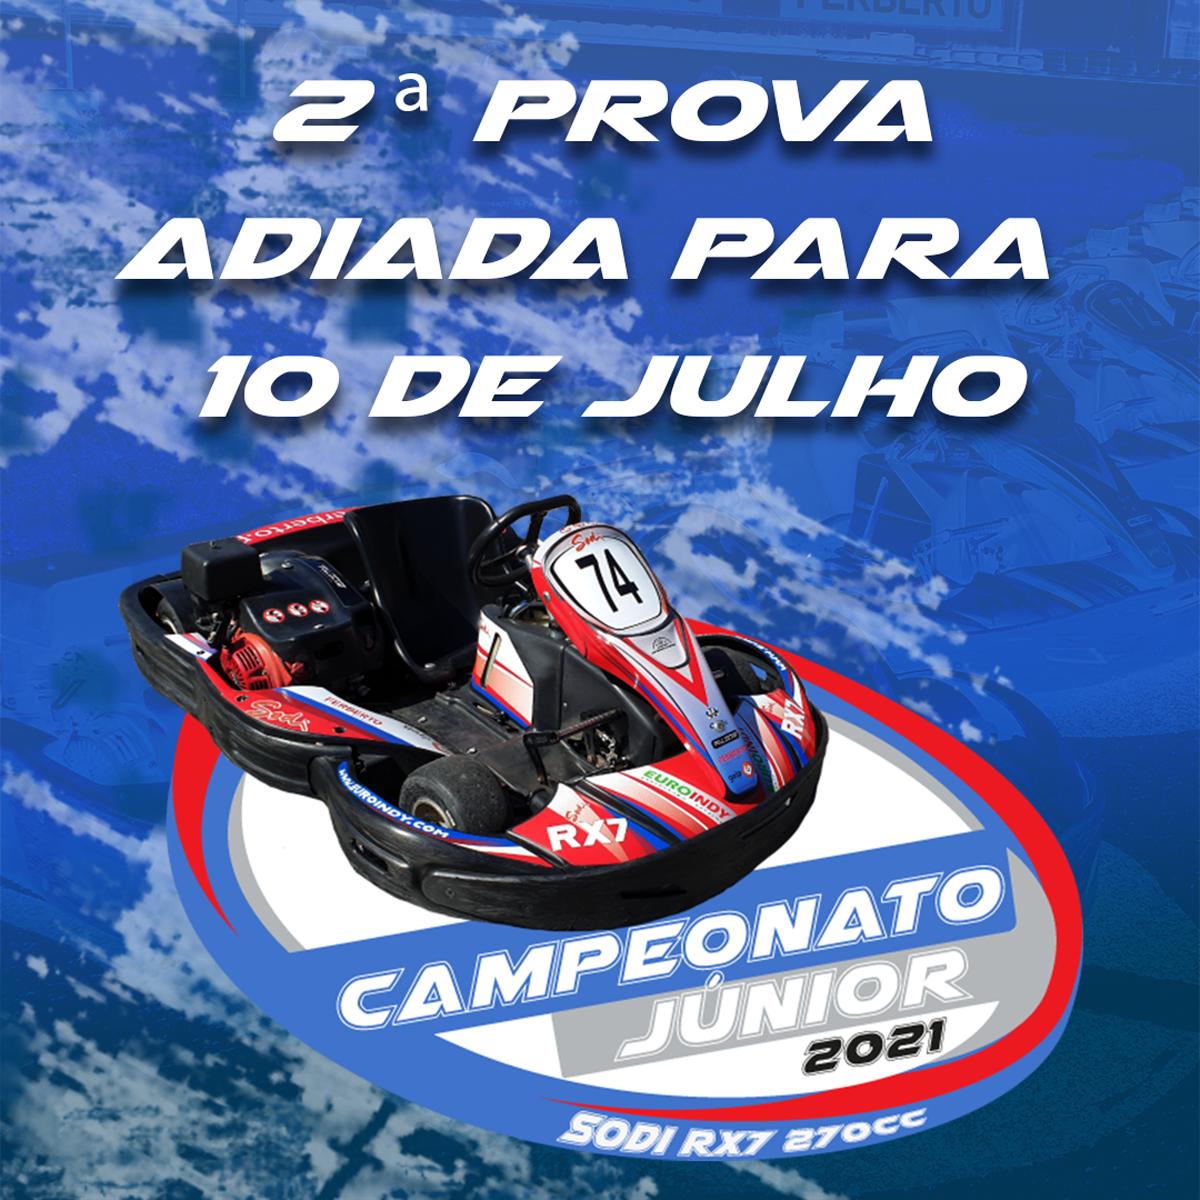 Campeonato Júnior